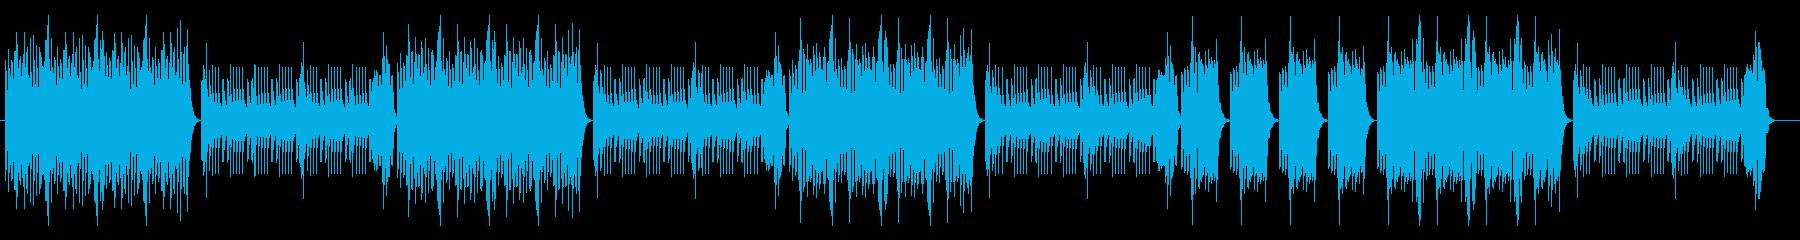 マリンバビブラフォン 陽気なラテンポップの再生済みの波形